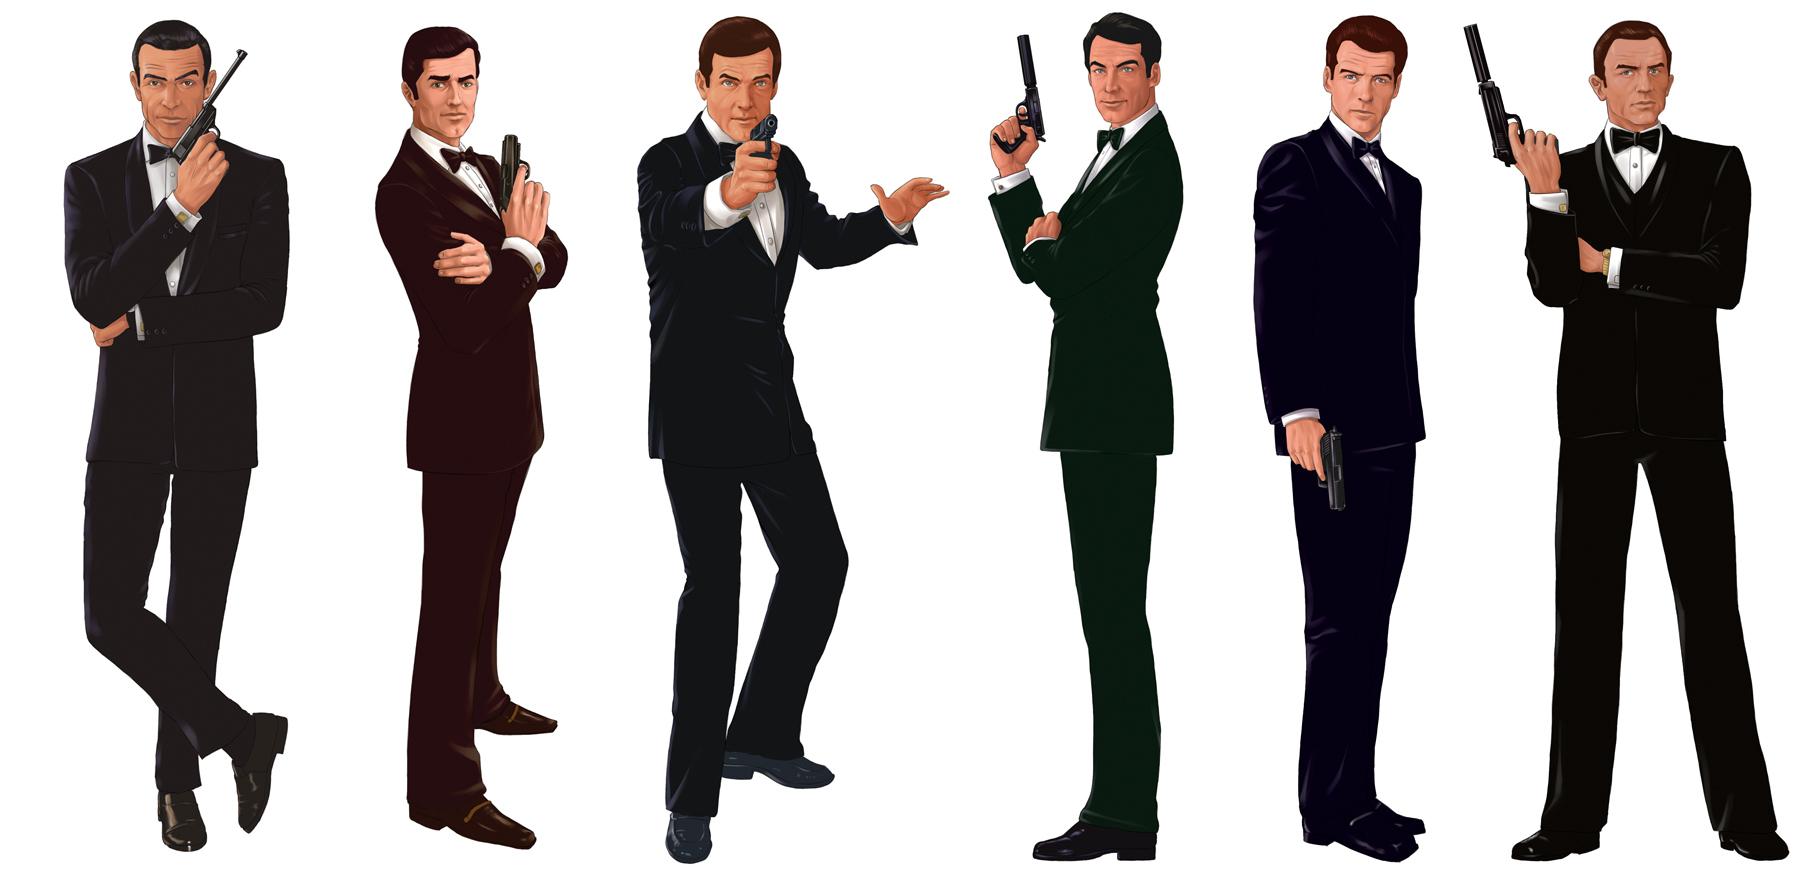 007 james bond clipart.